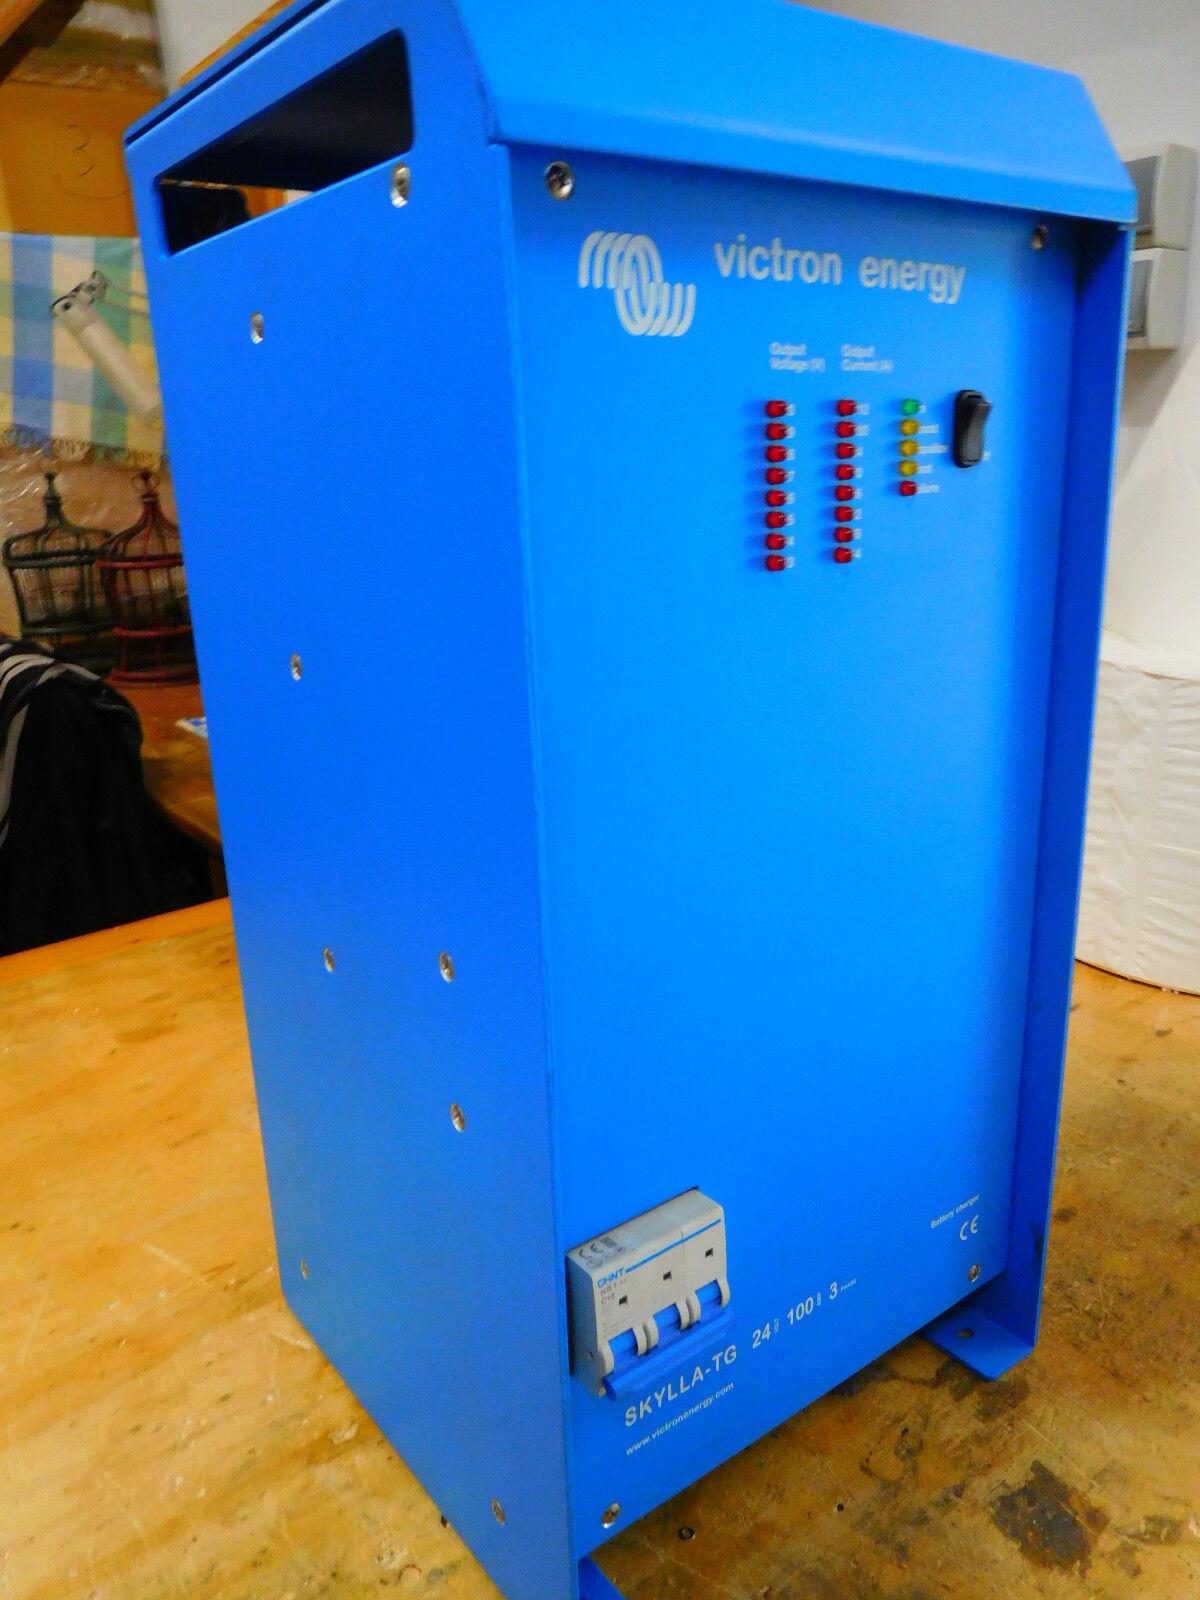 Victron Victron Victron Batterieladegerät 3Phasen 24V 100A 29e69e